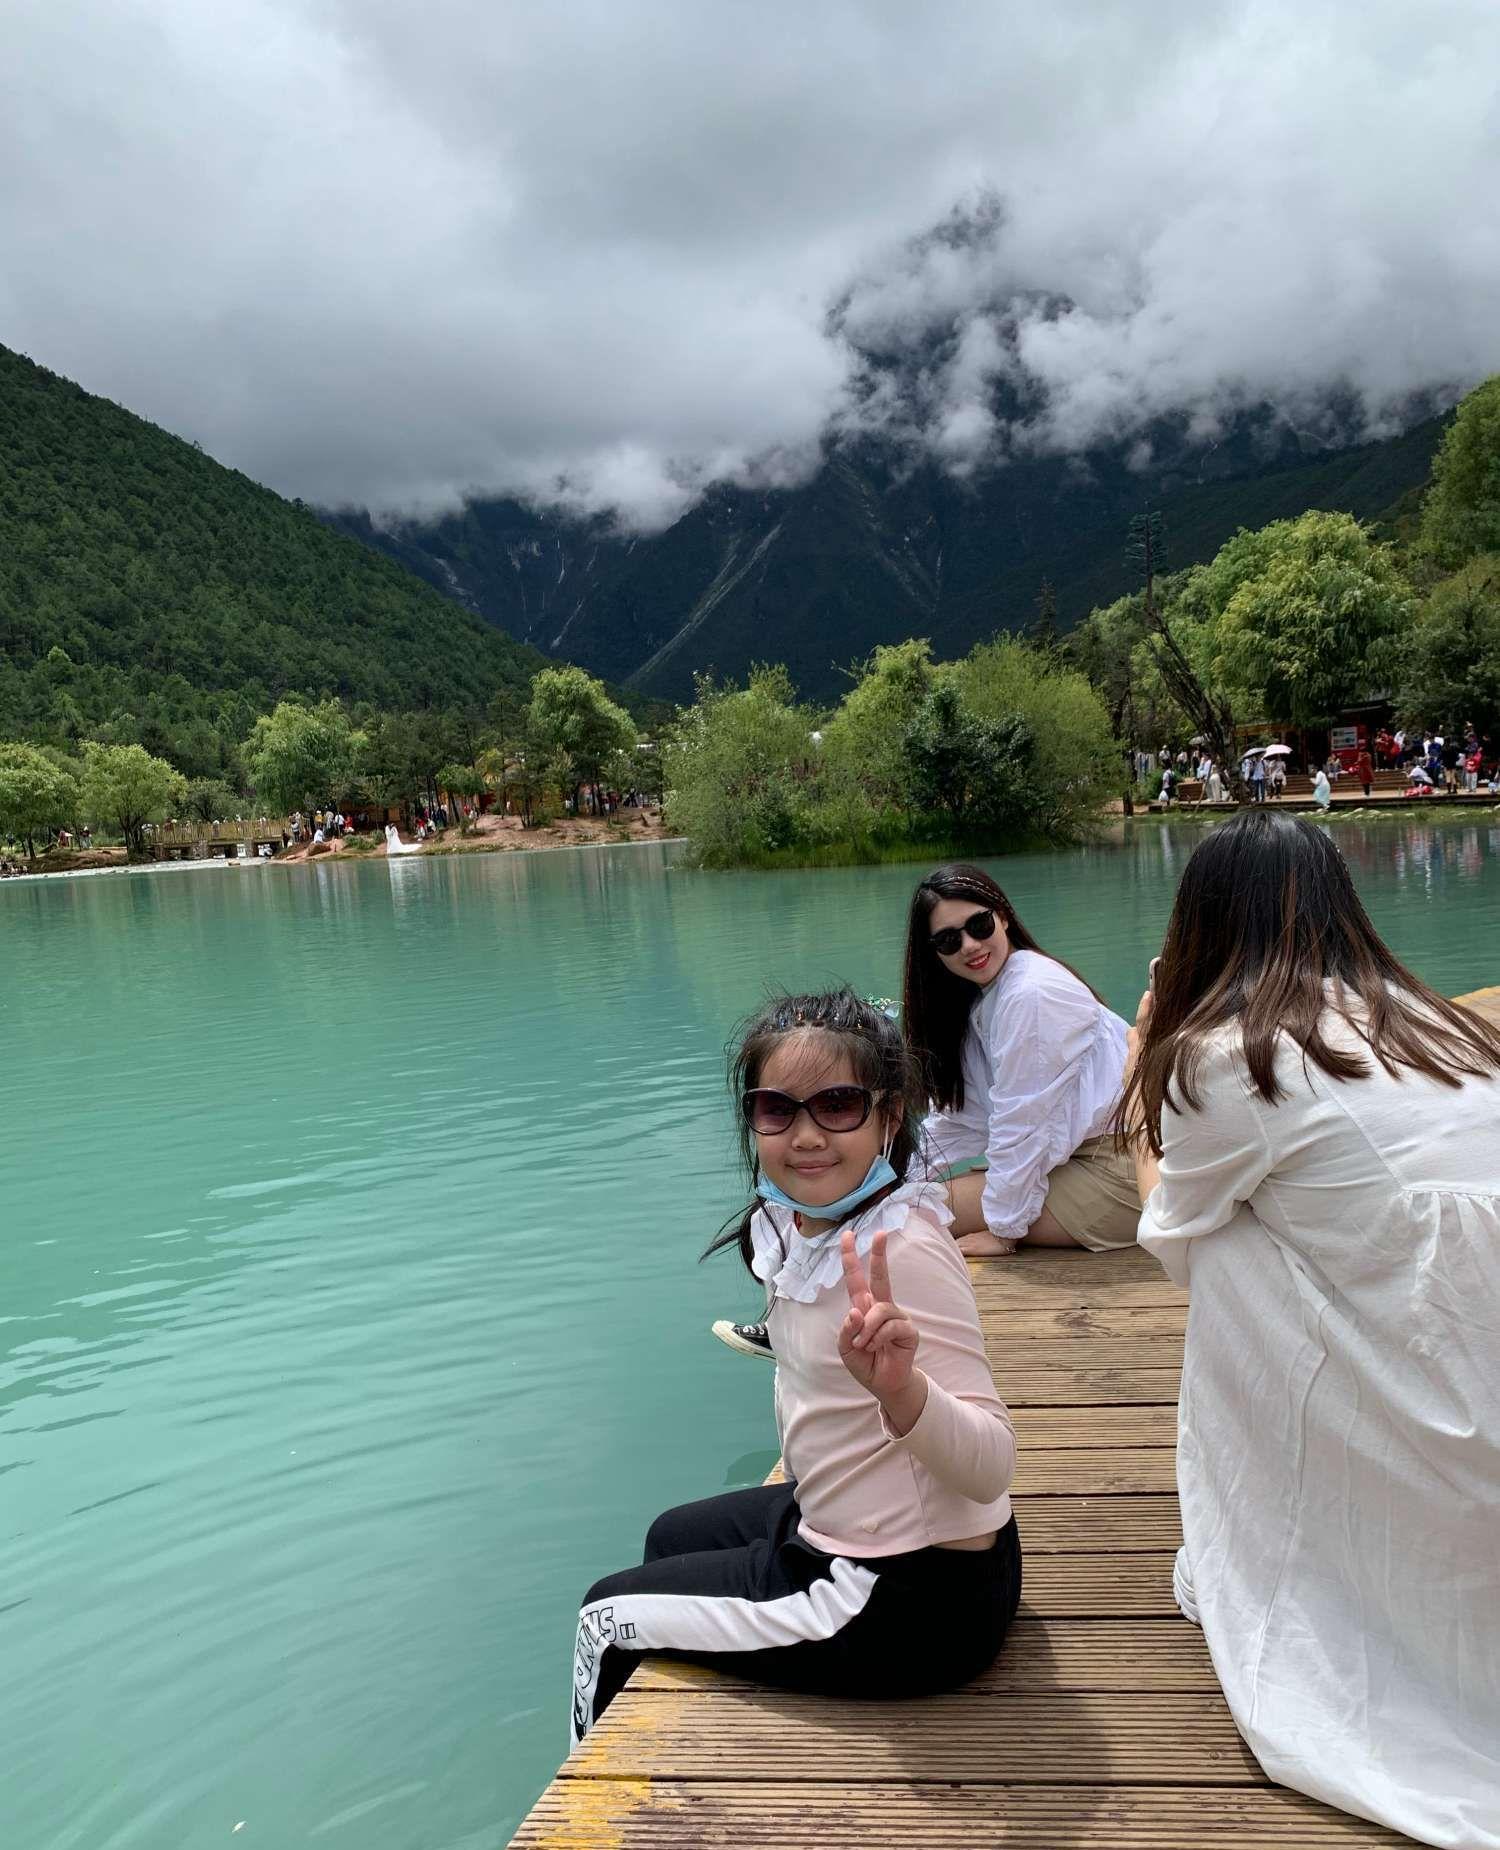 8月旅游一定要来云南玉龙雪山避暑胜地,夏日体验冬天下雪的感觉